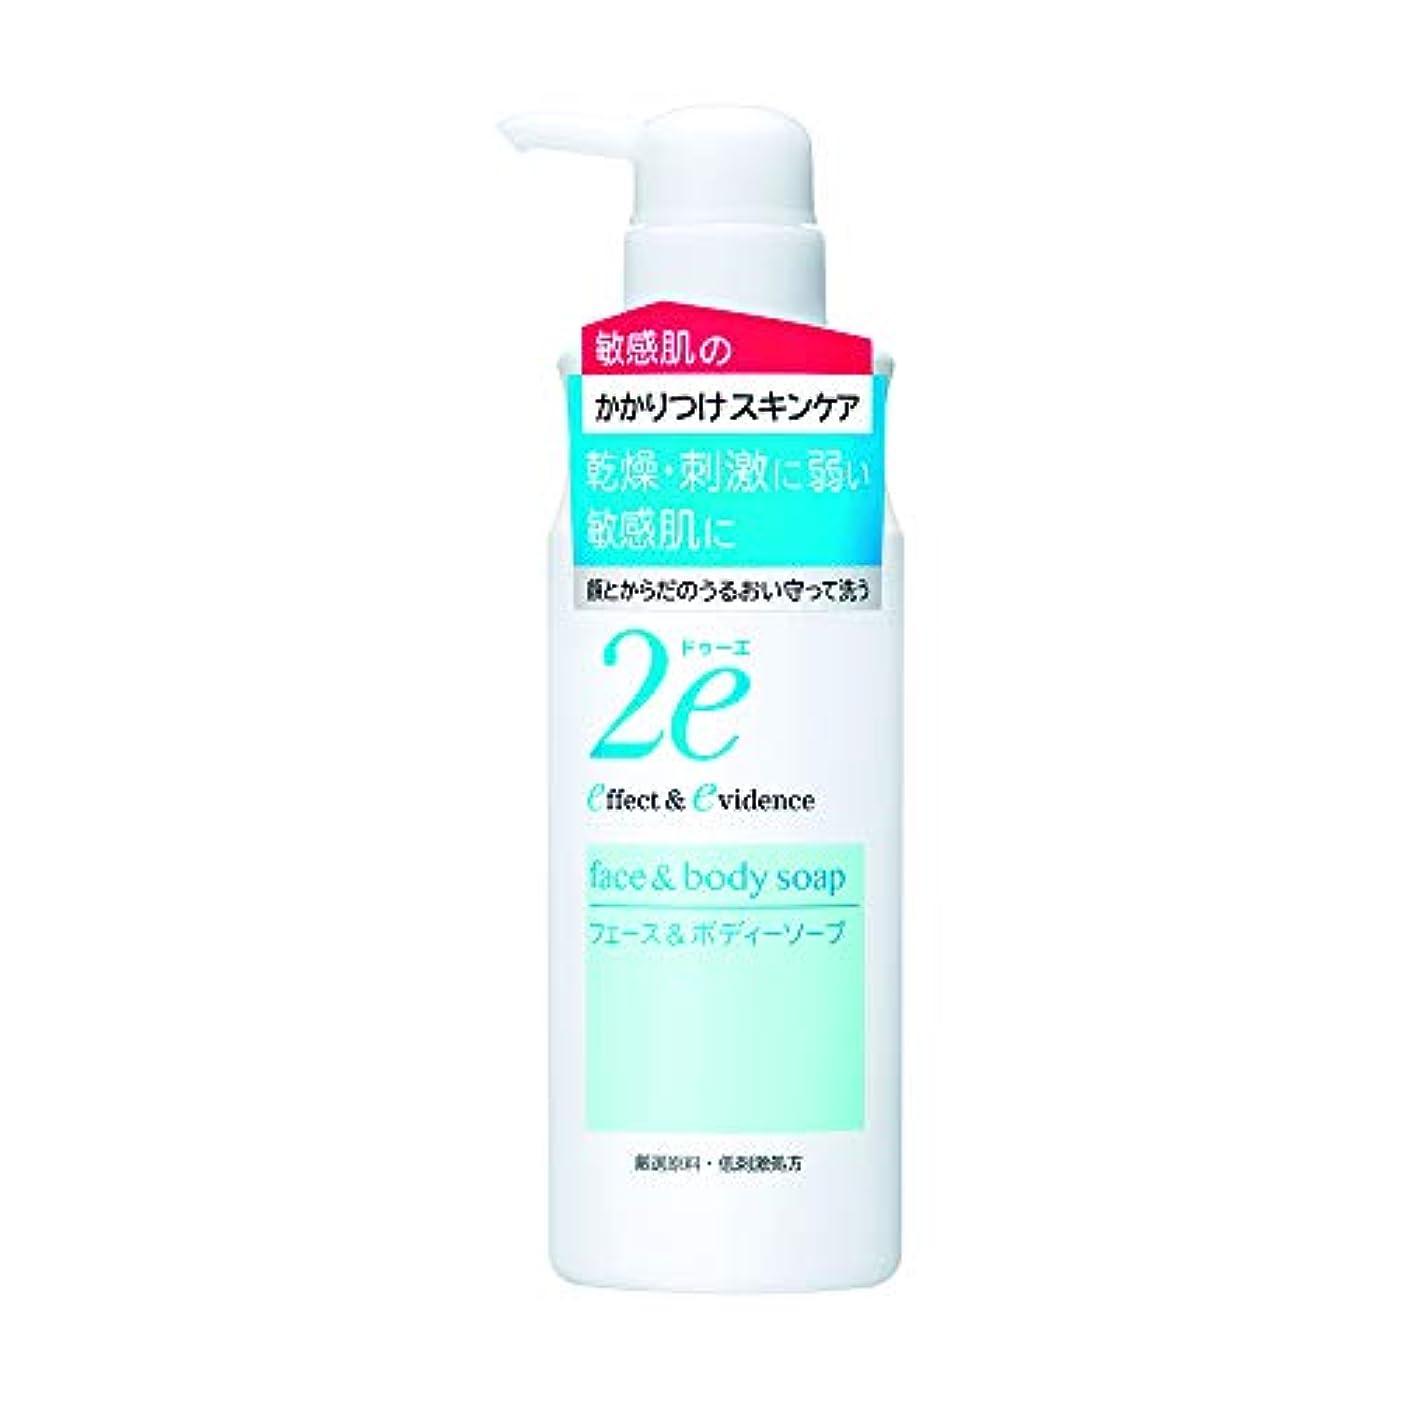 代数気取らないドル2e(ドゥーエ) フェース&ボディーソープ 敏感肌用洗浄料 低刺激処方 420ml ボディソープ